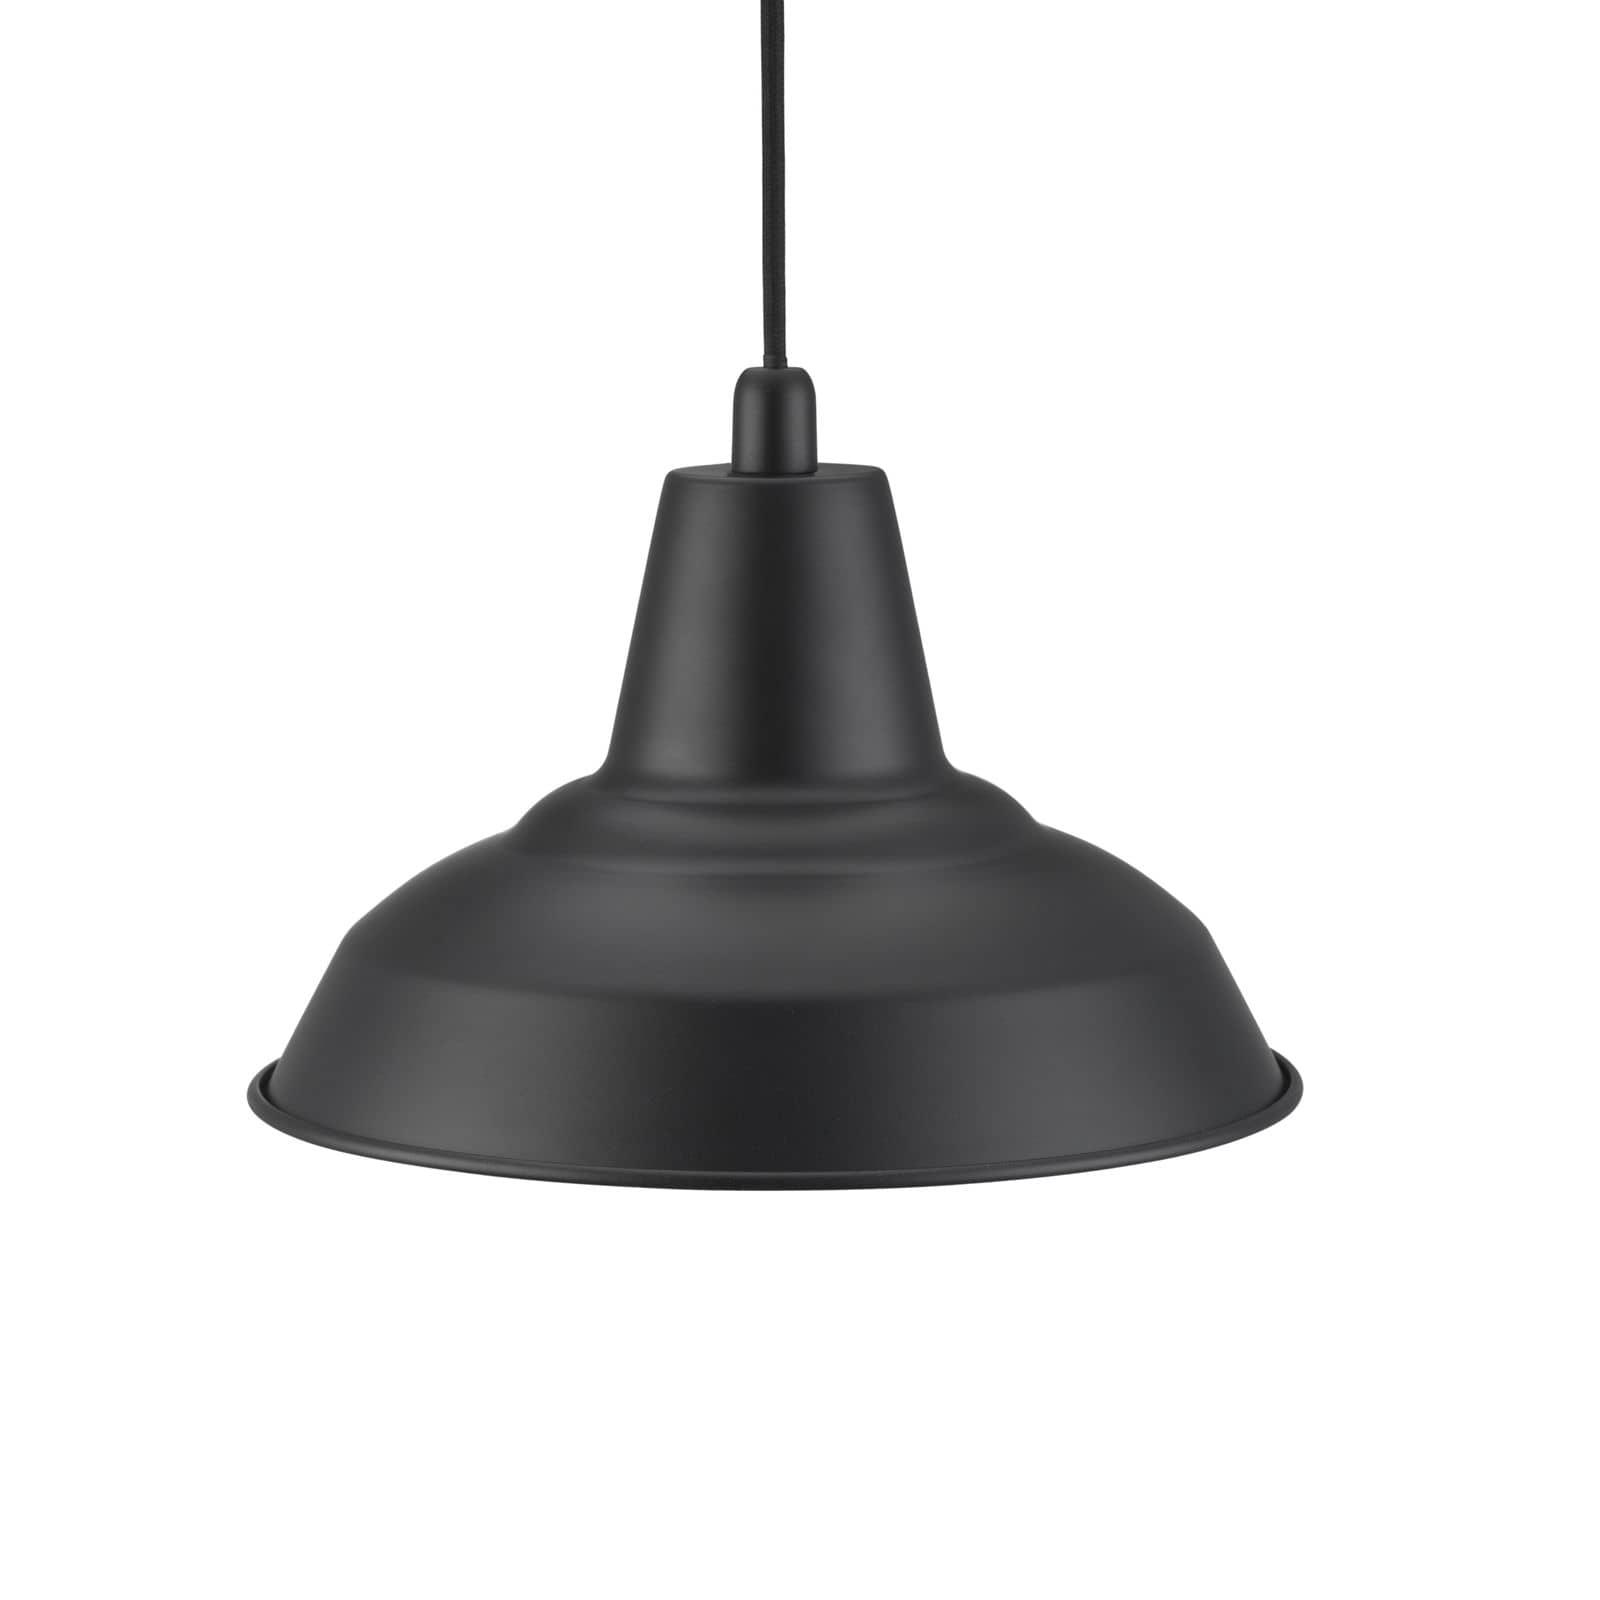 nordlux 84813003 lyne h ngelampe e27 metall schwarz hier. Black Bedroom Furniture Sets. Home Design Ideas